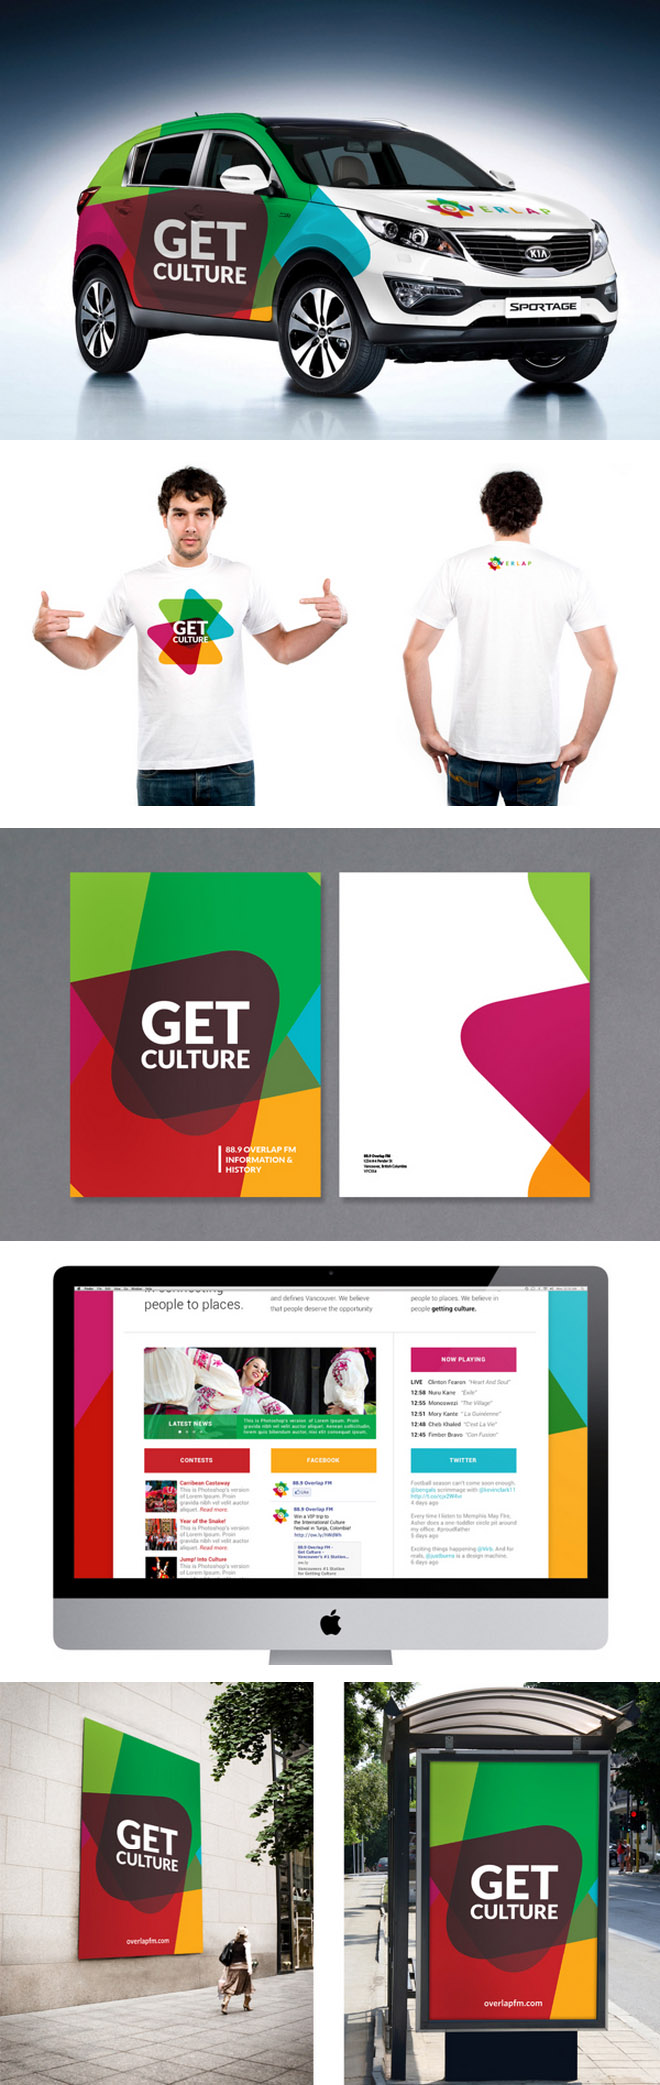 32-overlap-fm-best-branding-design